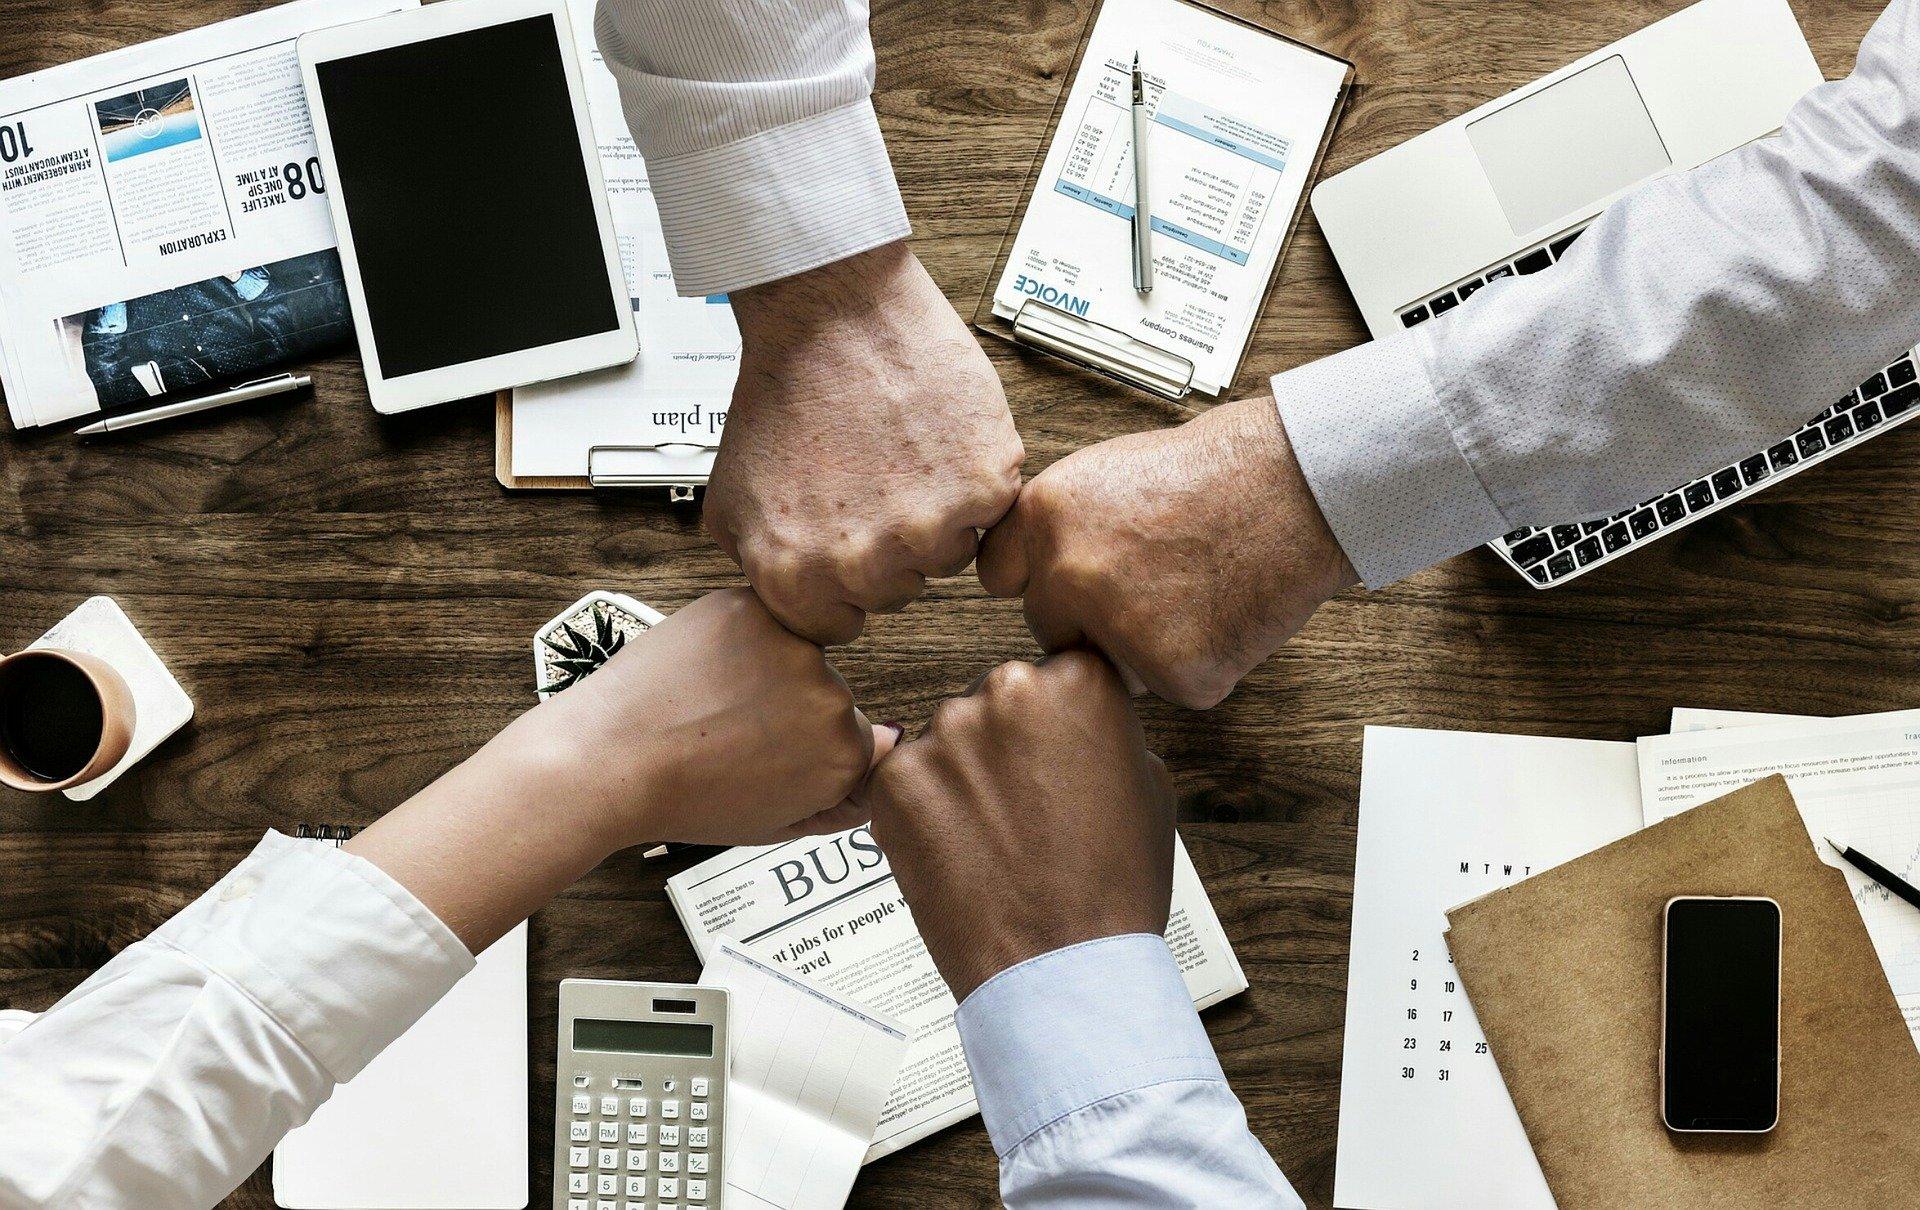 Si vous recherchez une stratégie efficace pour le développement de votre marque, vous pouvez contacter des influenceurs pour vous aider.